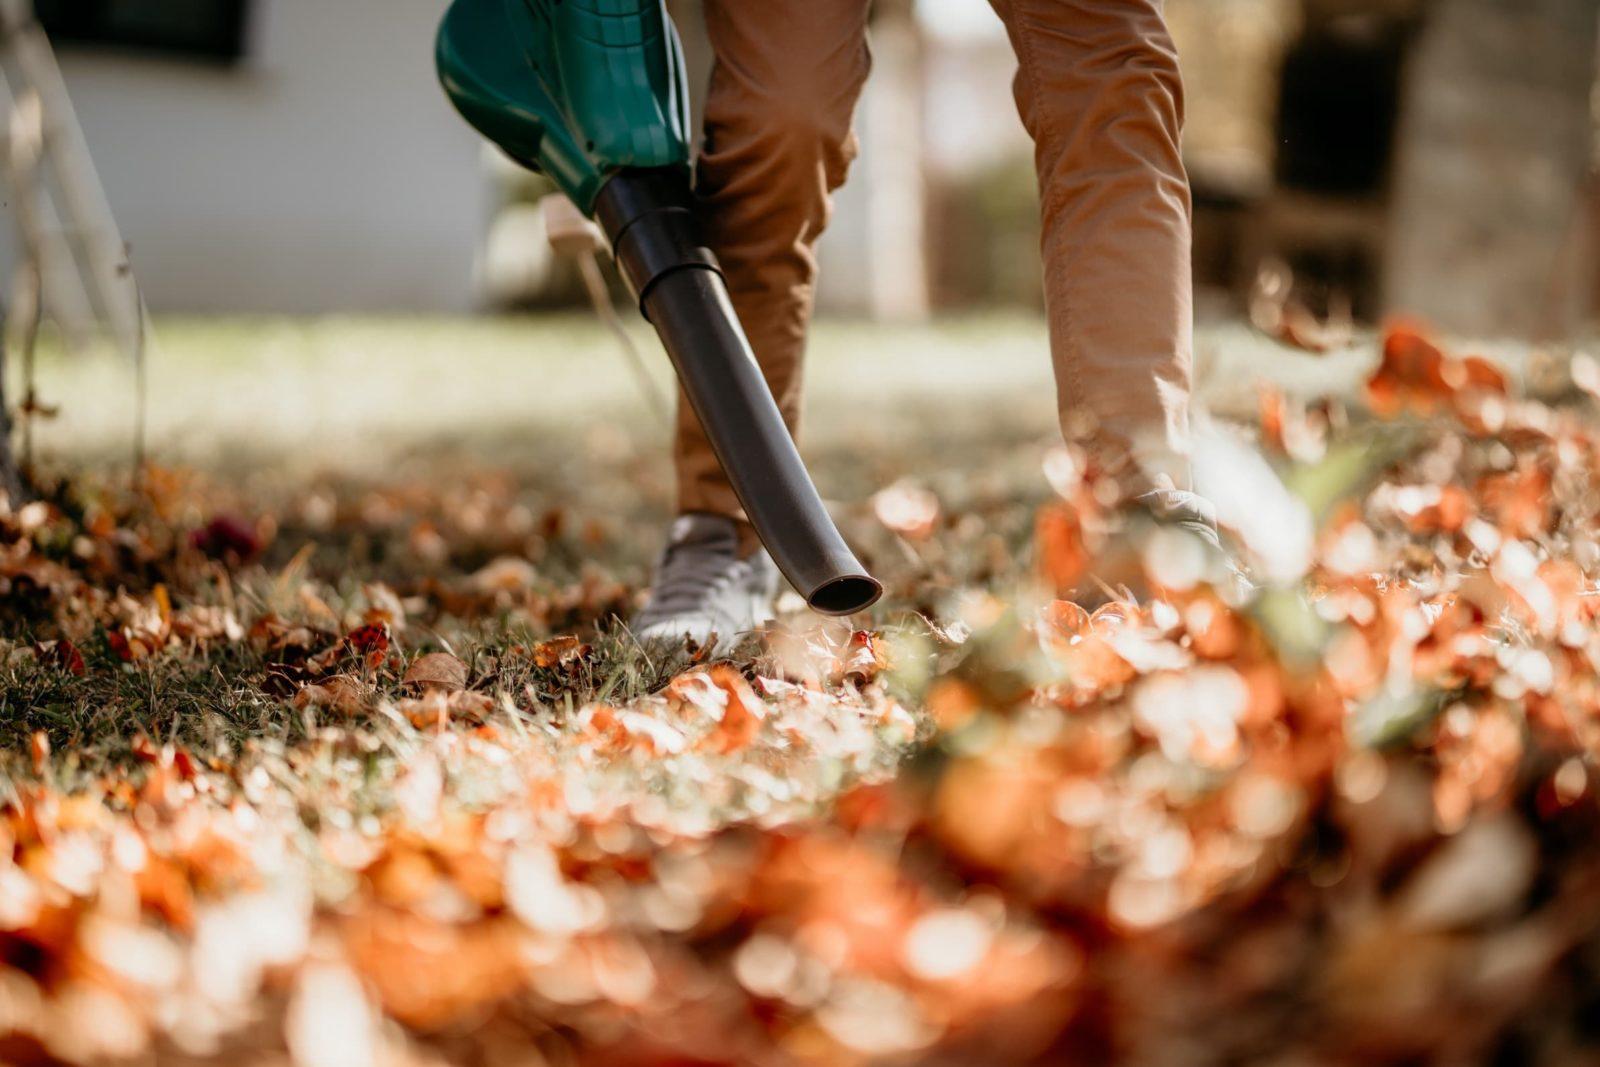 man blowing leaves around garden